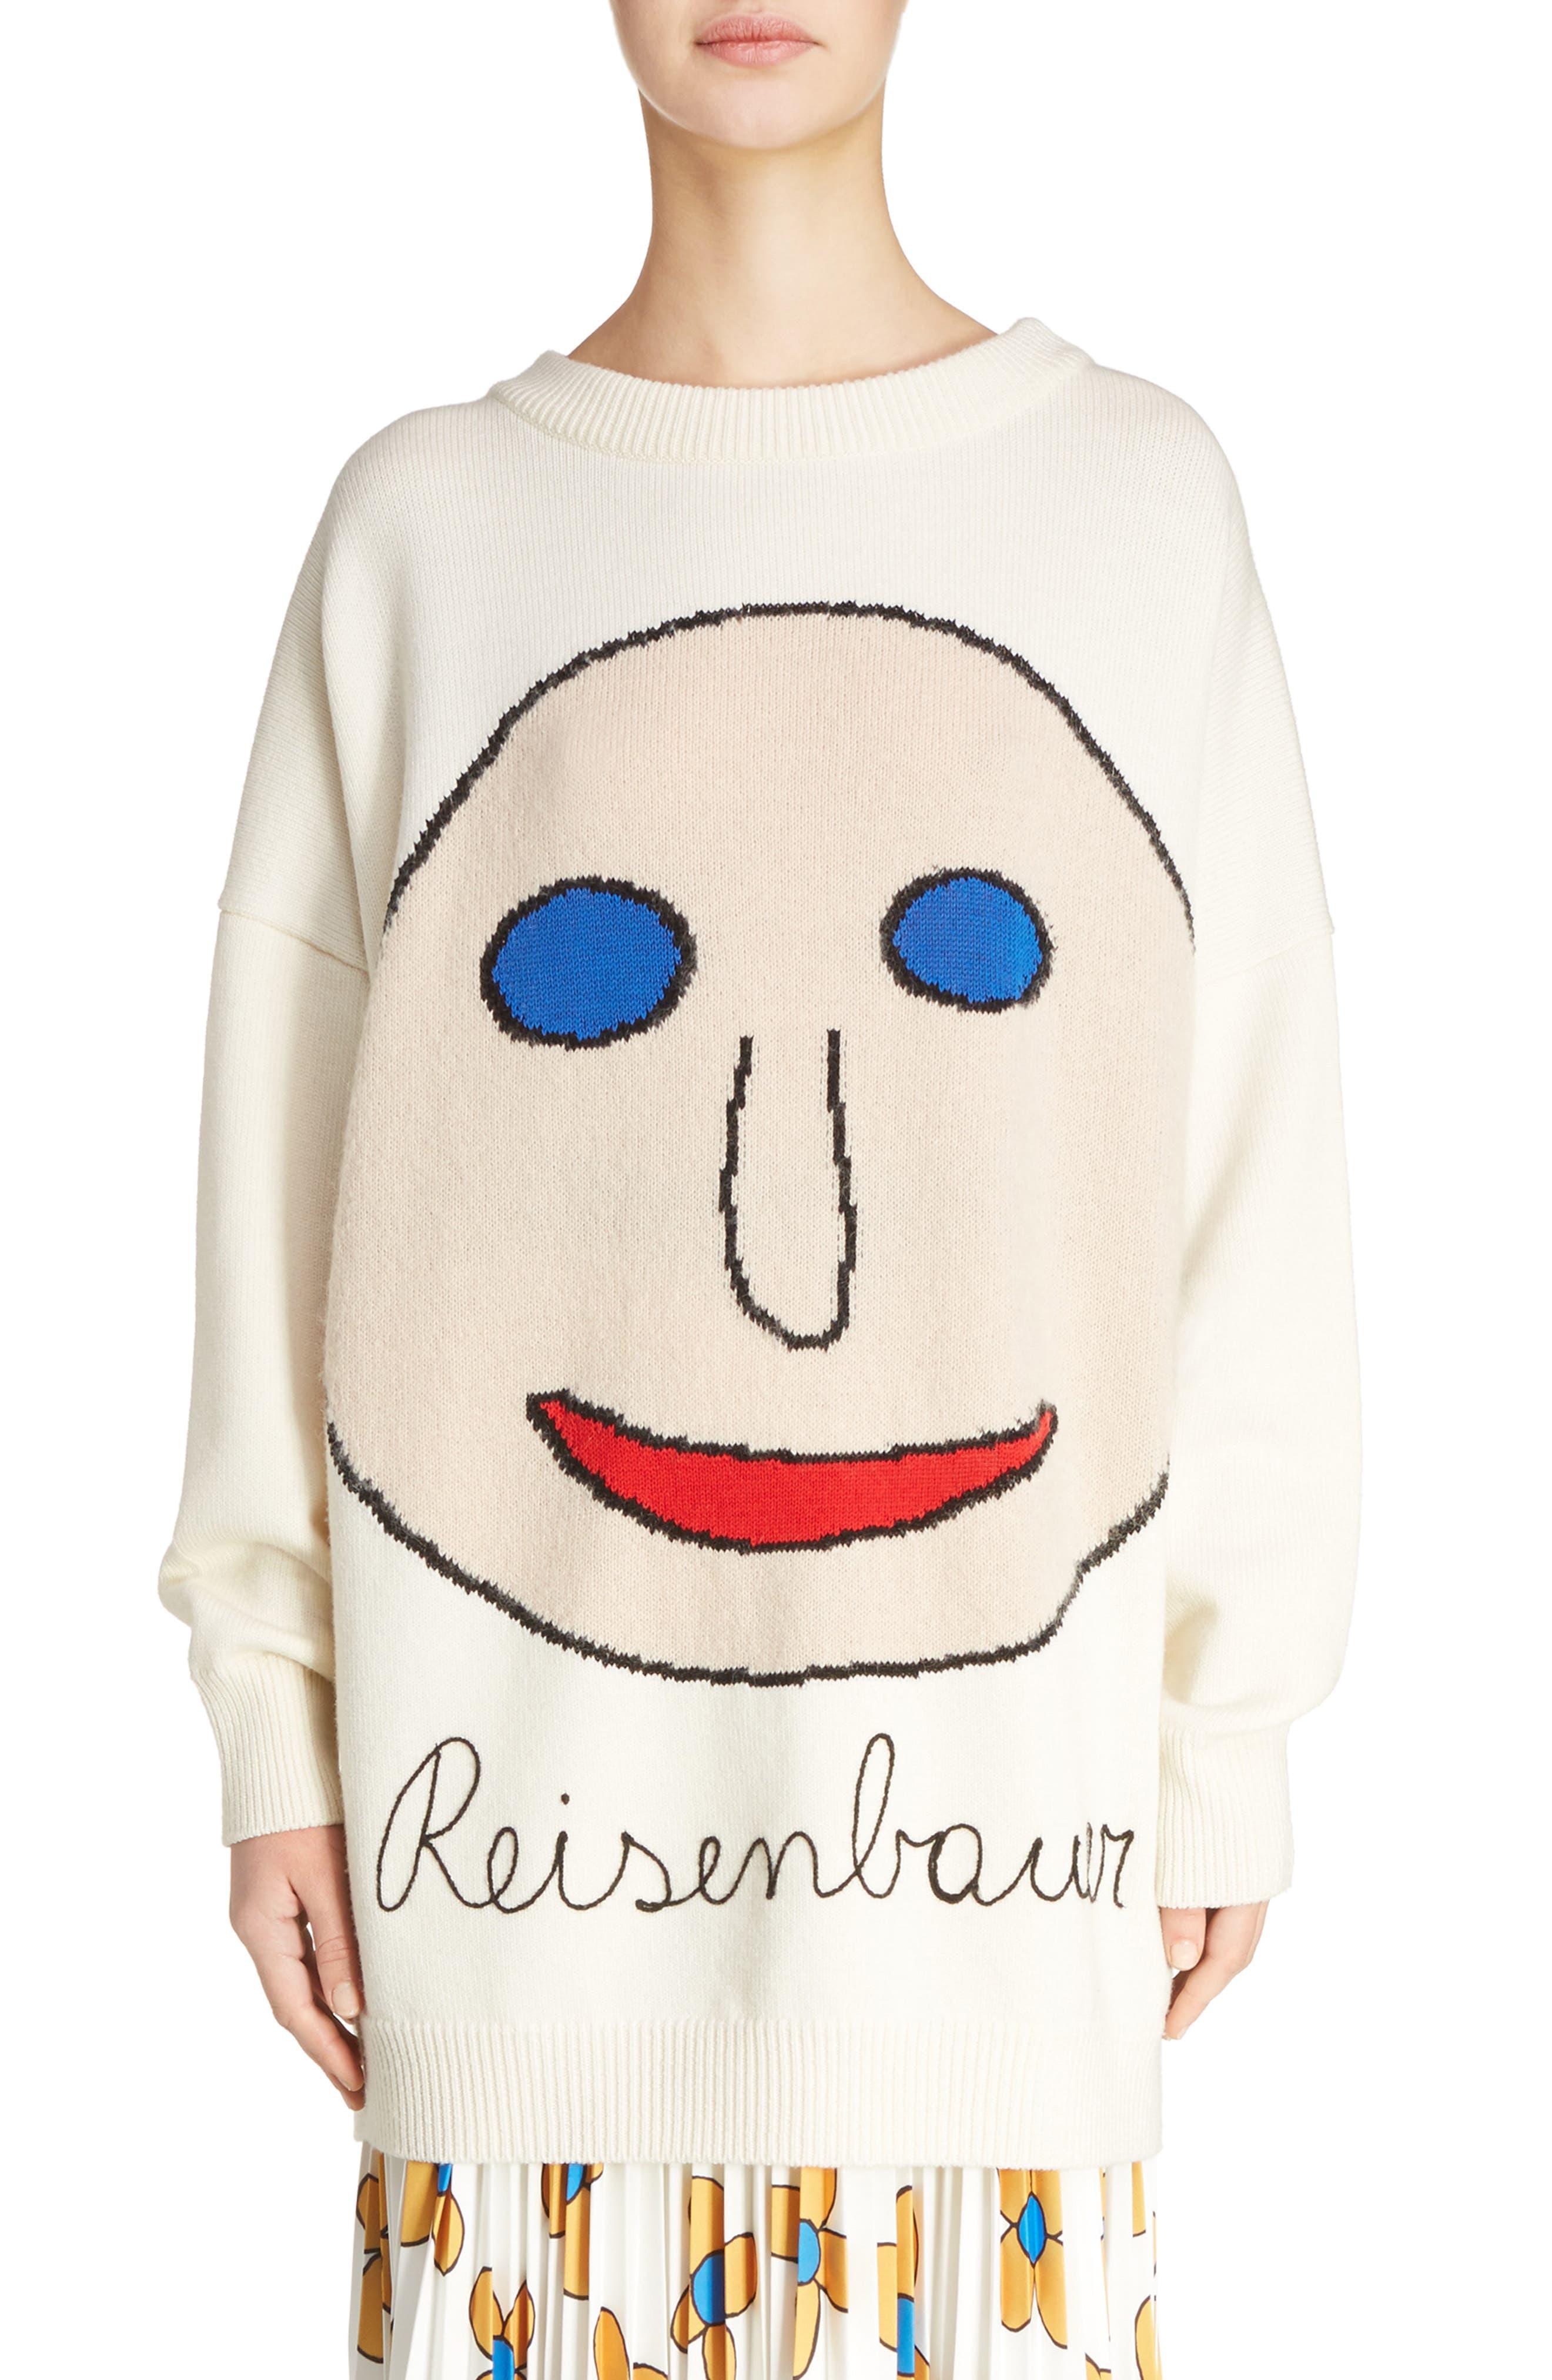 Christopher Kane Reisenbauer Intarsia Face Sweater